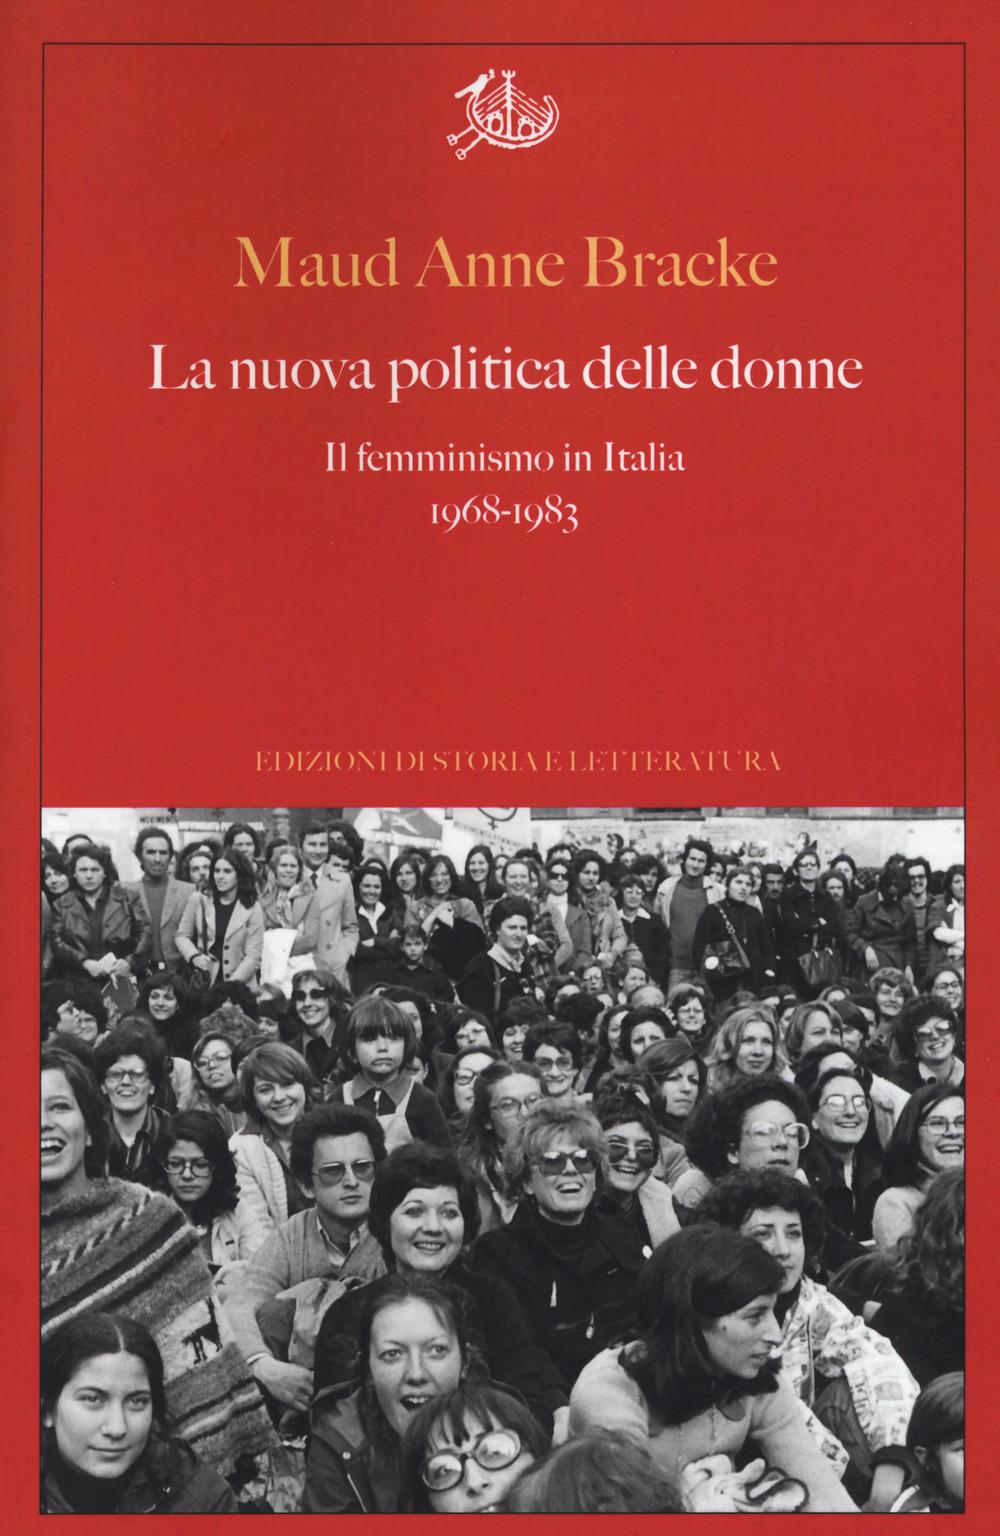 La nuova politica delle donne. Il femminismo in Italia, 1968-1983